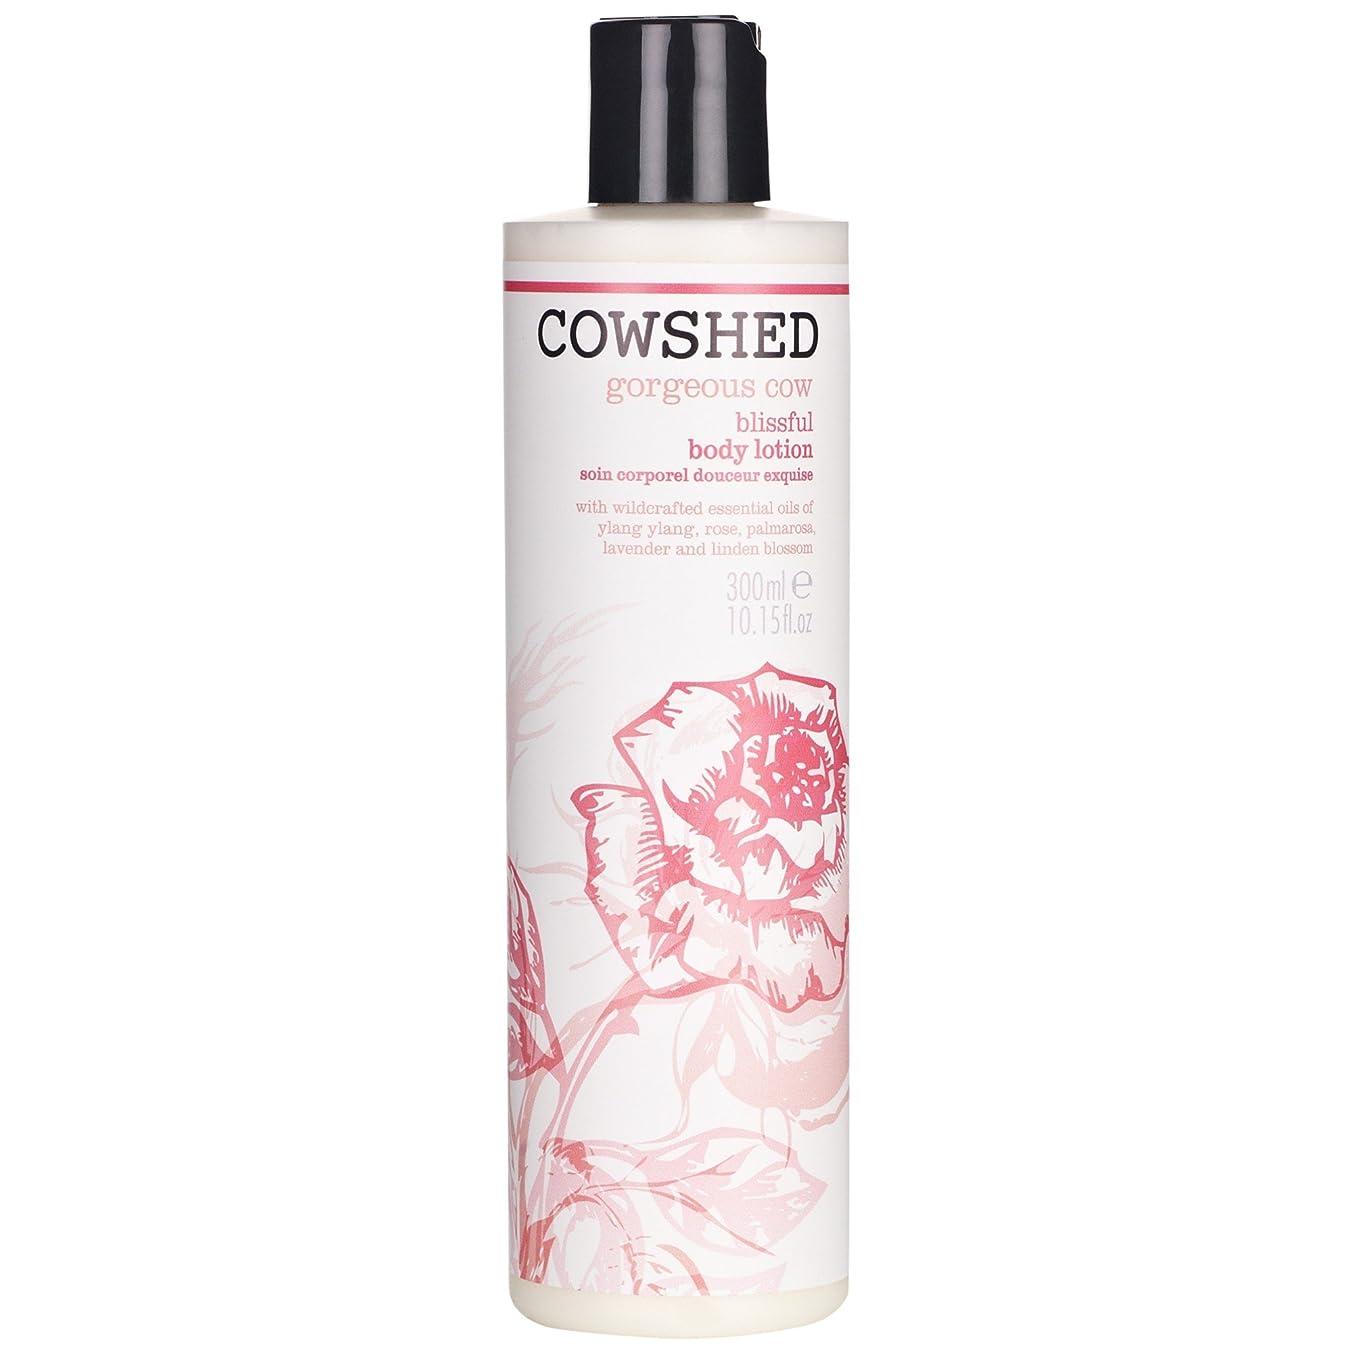 穴開発する対牛舎ゴージャスな牛のボディローション300ミリリットル (Cowshed) (x6) - Cowshed Gorgeous Cow Body Lotion 300ml (Pack of 6) [並行輸入品]